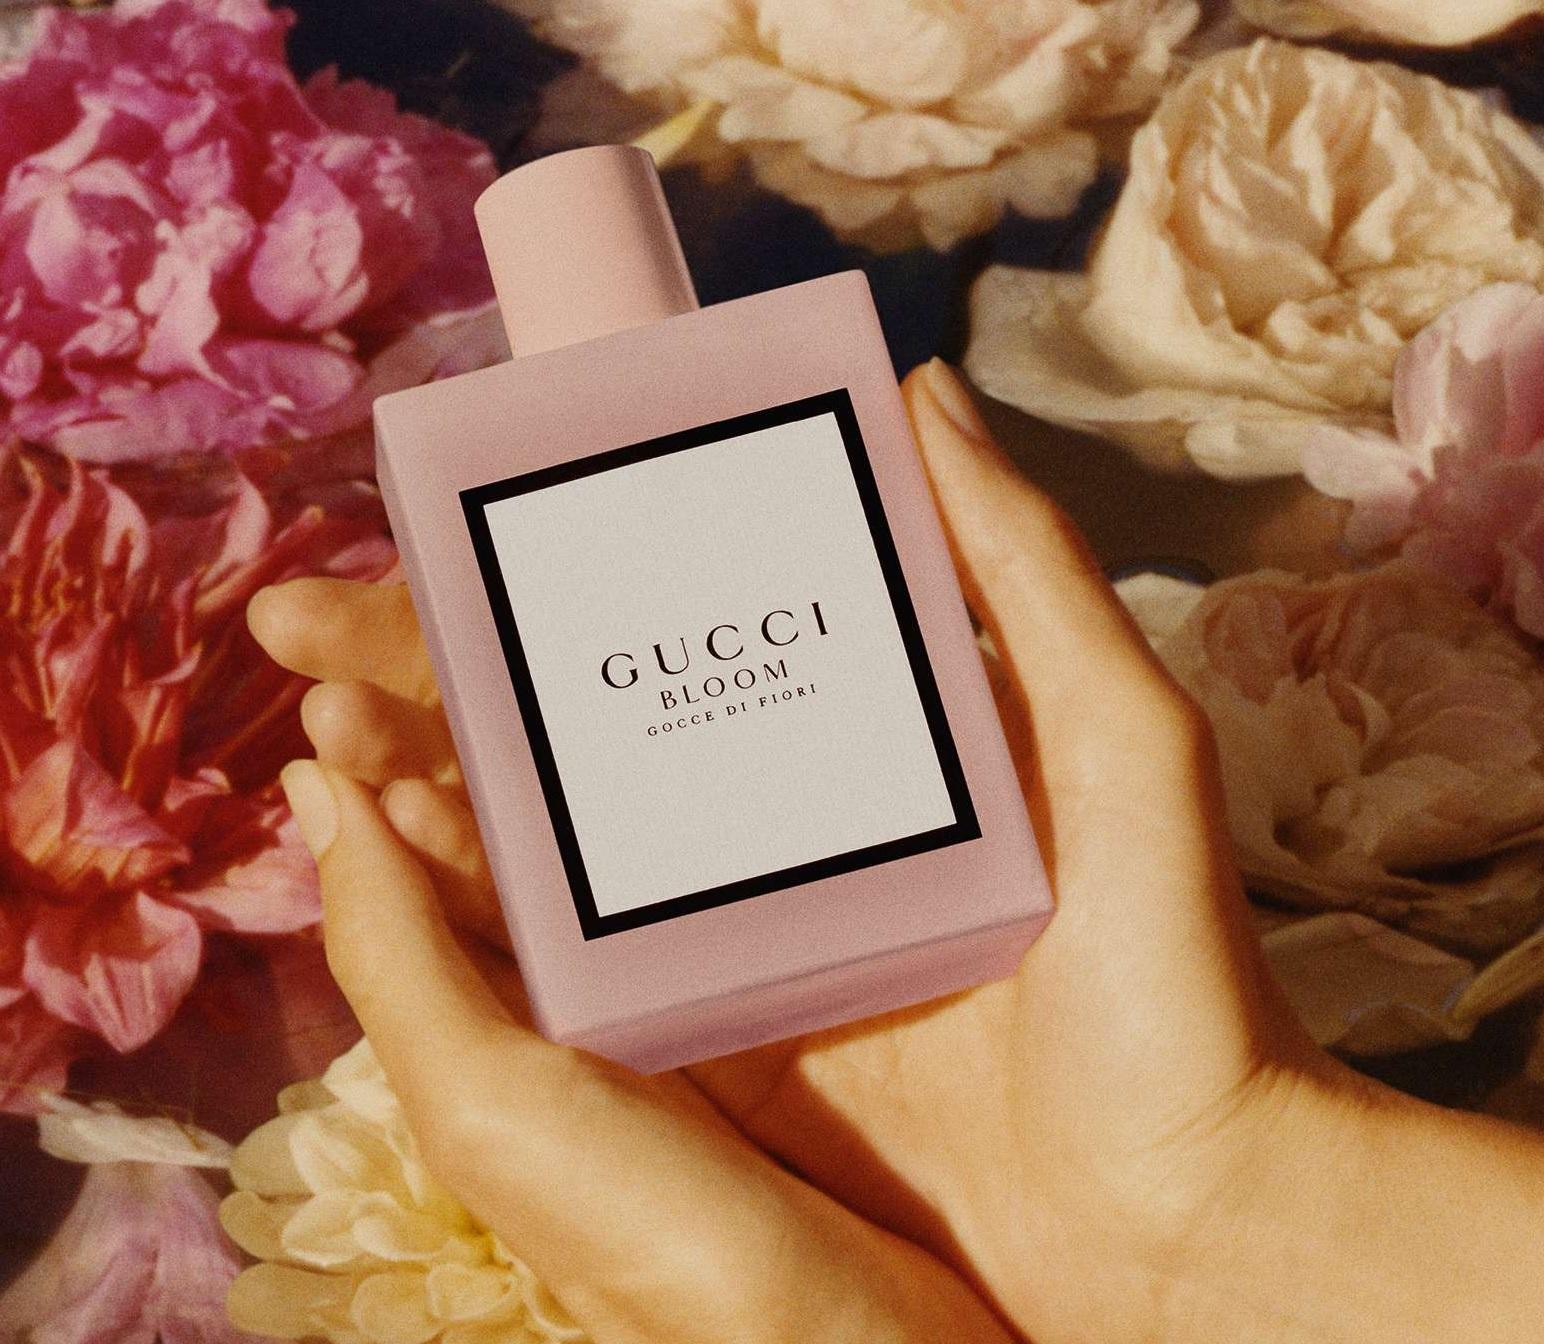 df2fc34d9f Bloom Gocce di Fiori Gucci perfume - a new fragrance for women 2019